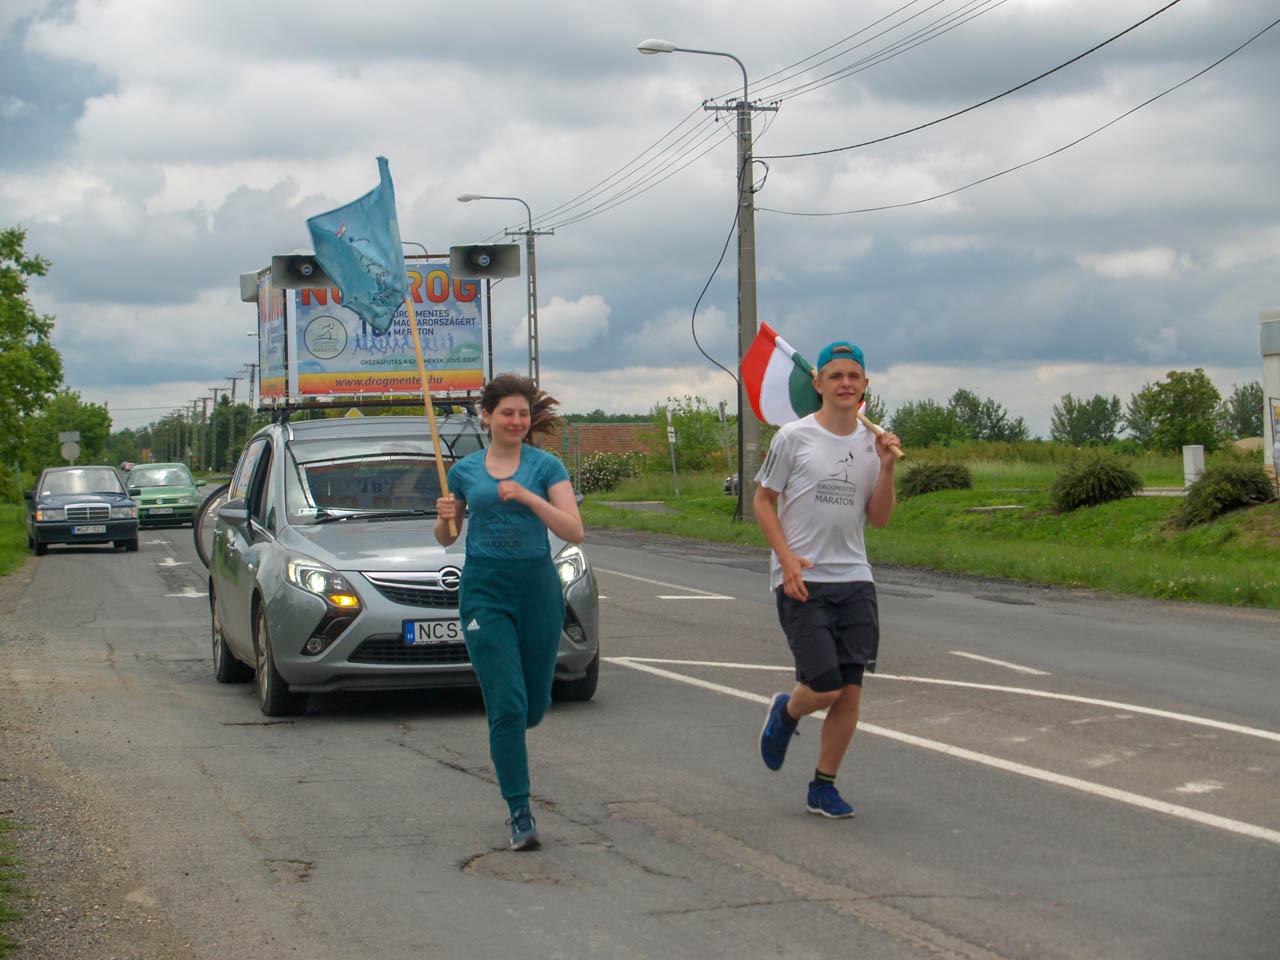 Drogmentes Maraton a szerhasználat elleni küzdelem jegyében